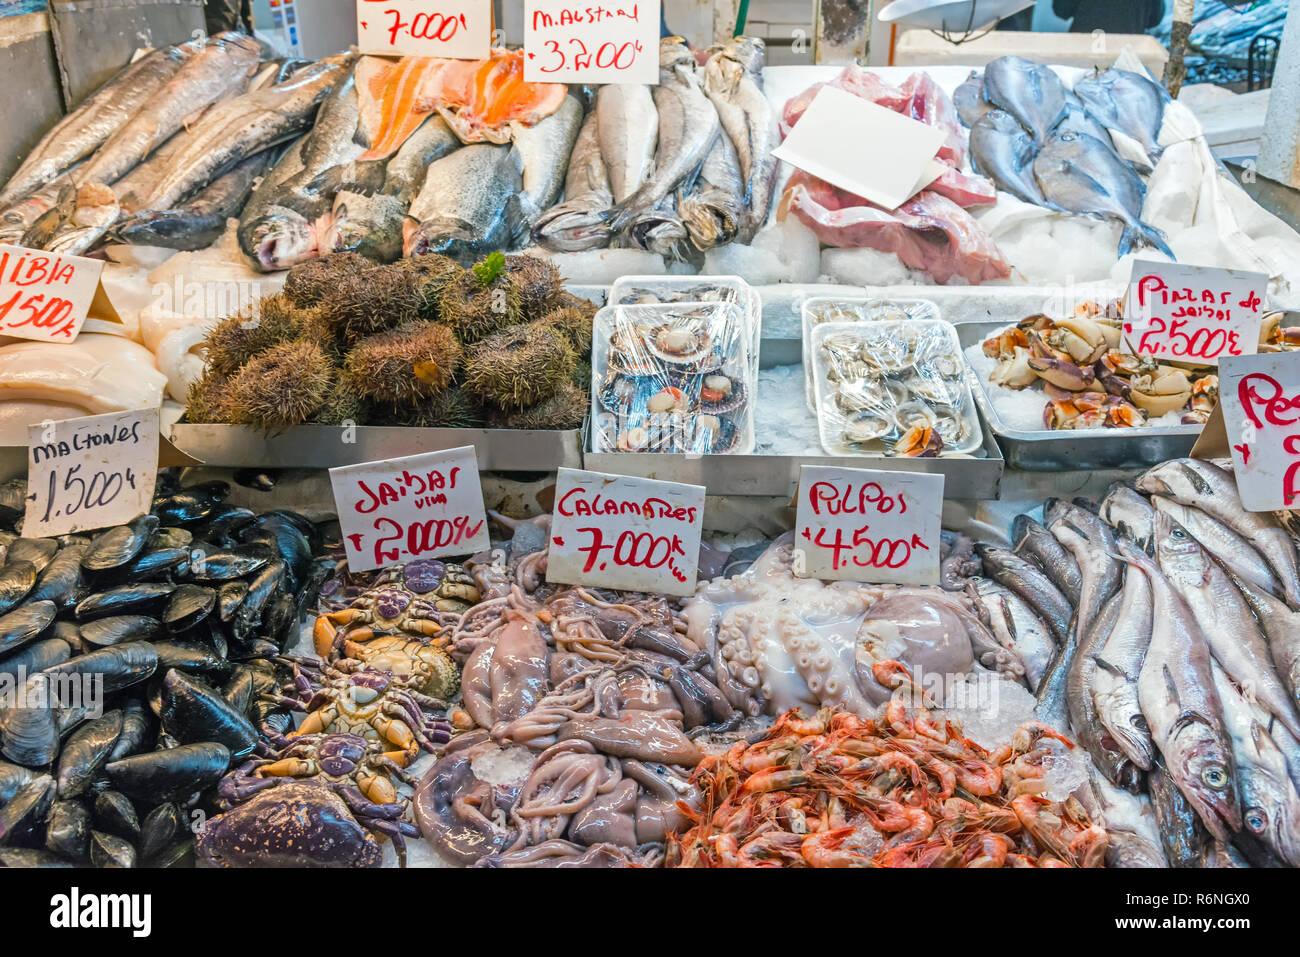 Frische Meeresfrüchte und Fisch zum Verkauf auf einem Markt in Santiago de Chile - Stock Image